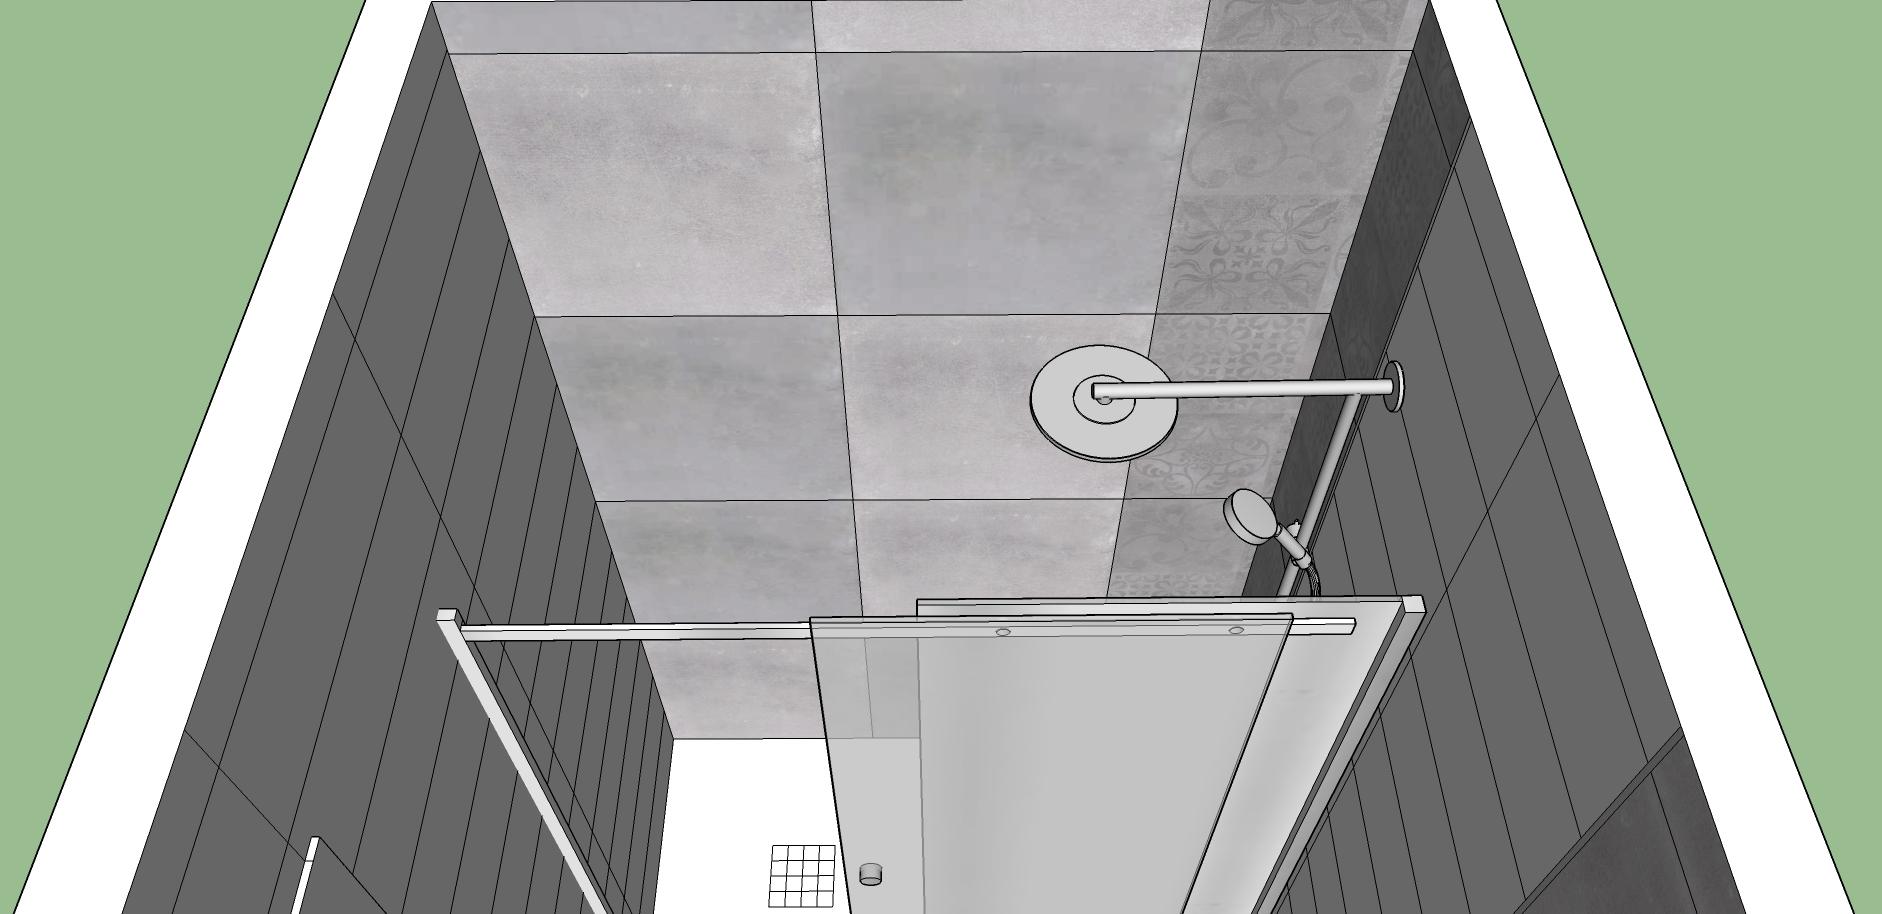 Proyecto 3D-Reforma integral-reforma-coruña-cambio bañera por plato de ducha-contratista-empresa-de-reformas-renueve su casa-reforma baño-reforma cocina-cocinas express_4